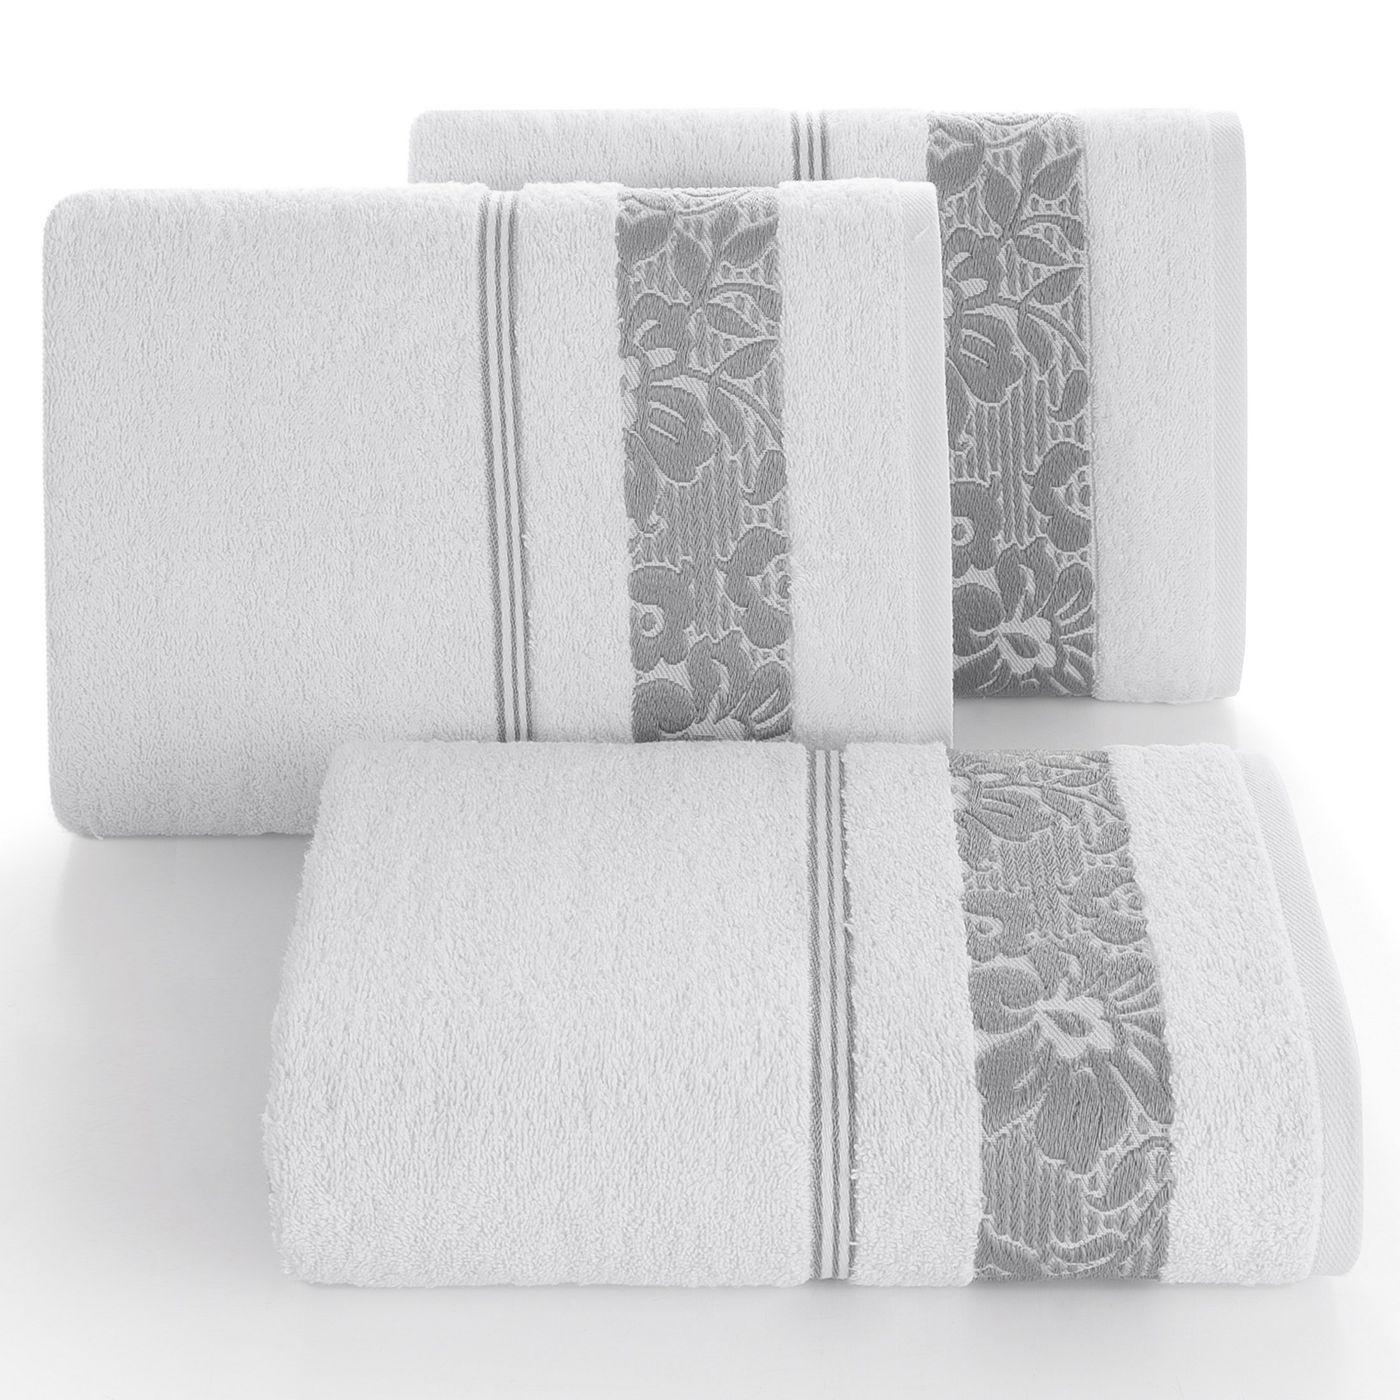 Ręcznik z bawełny z kwiatowym wzorem na bordiurze 70x140cm biały+szary